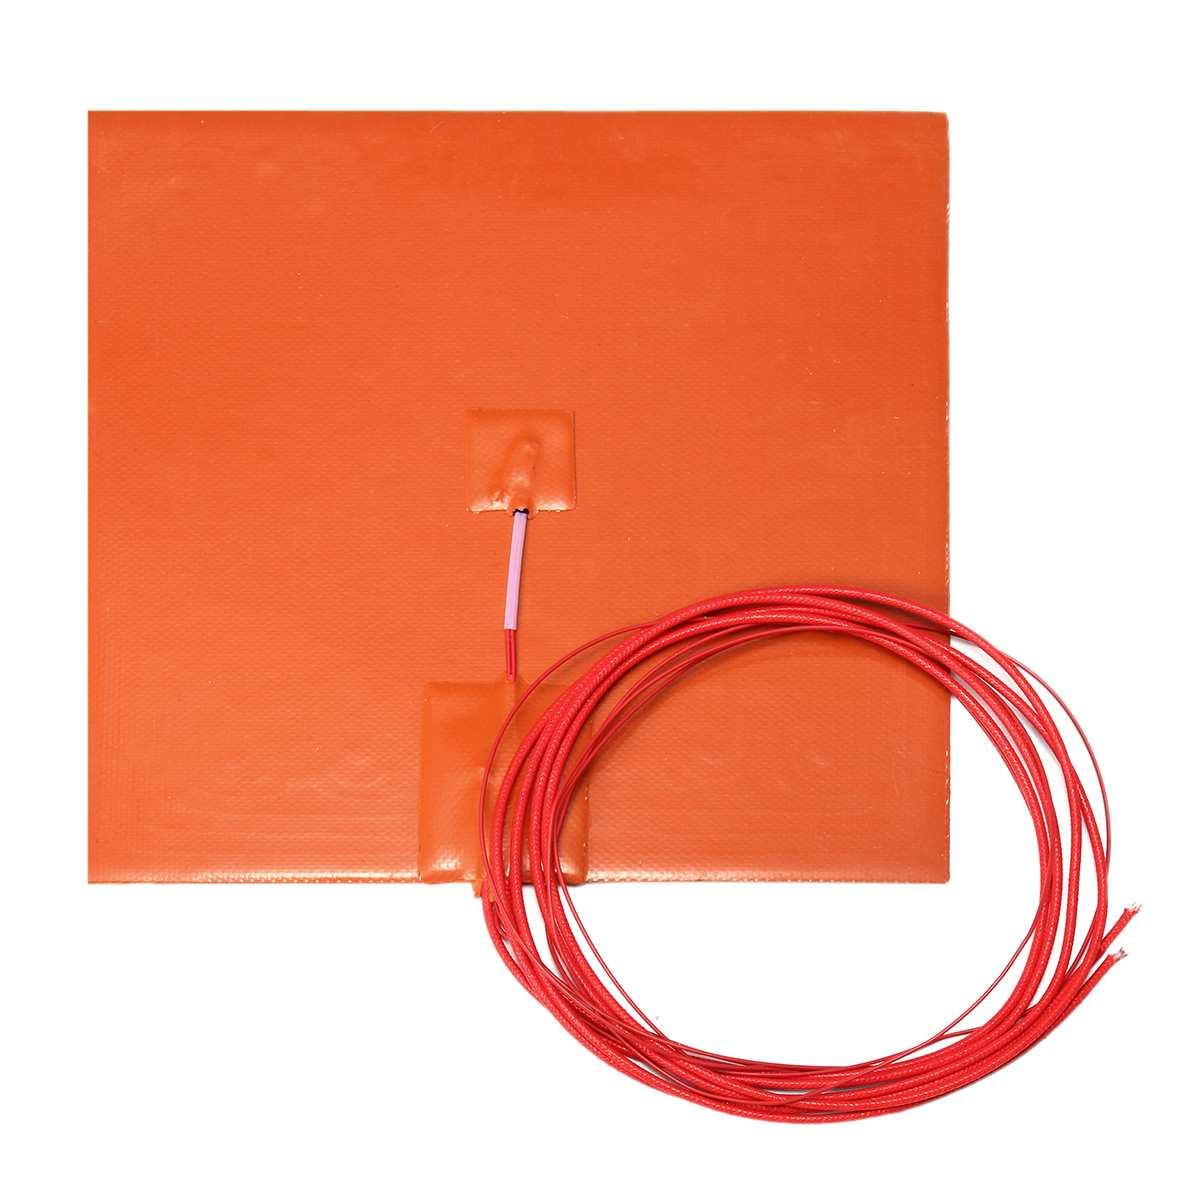 20x20 см гибкий водонепроницаемый силиконовый нагревательный коврик провода электрические нагревательные колодки для 3D-принтера части подо...